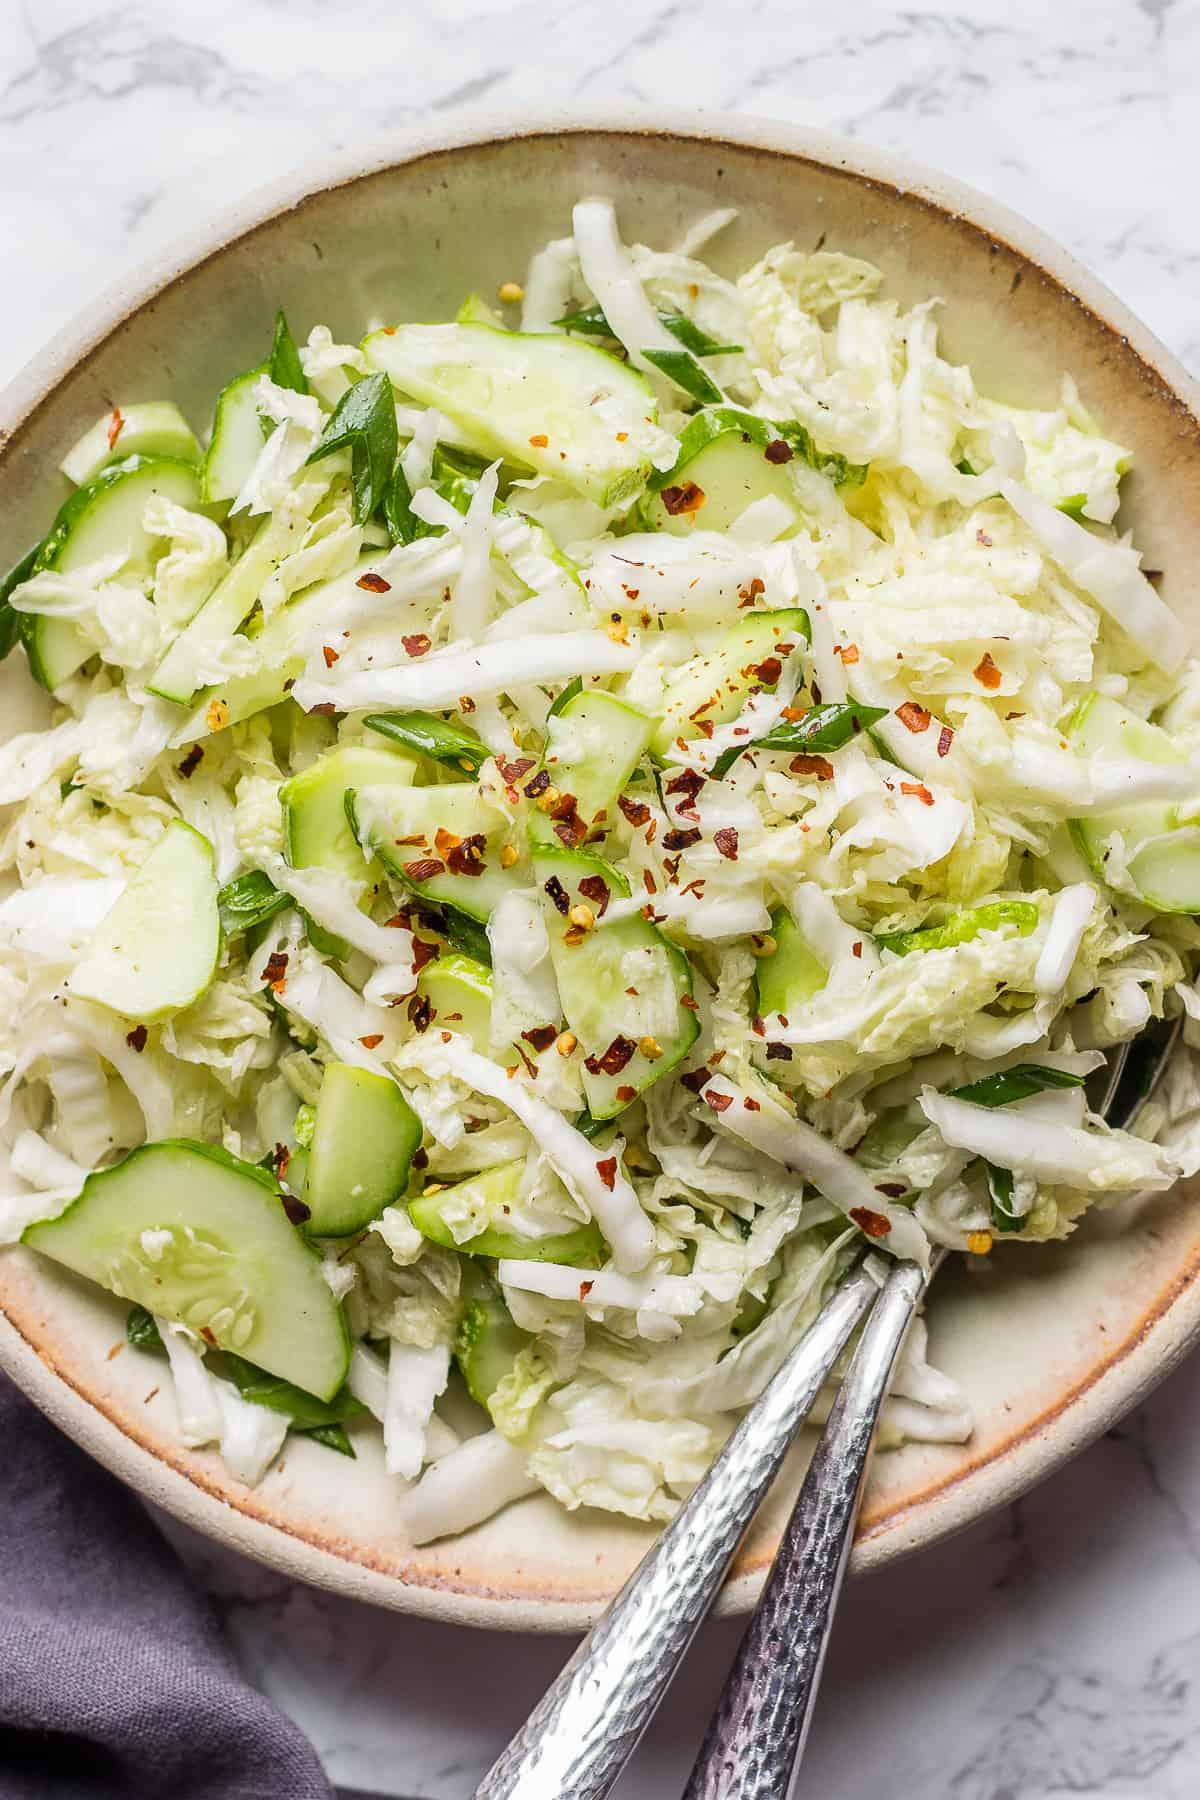 Healthy Napa Cabbage Salad in a bowl